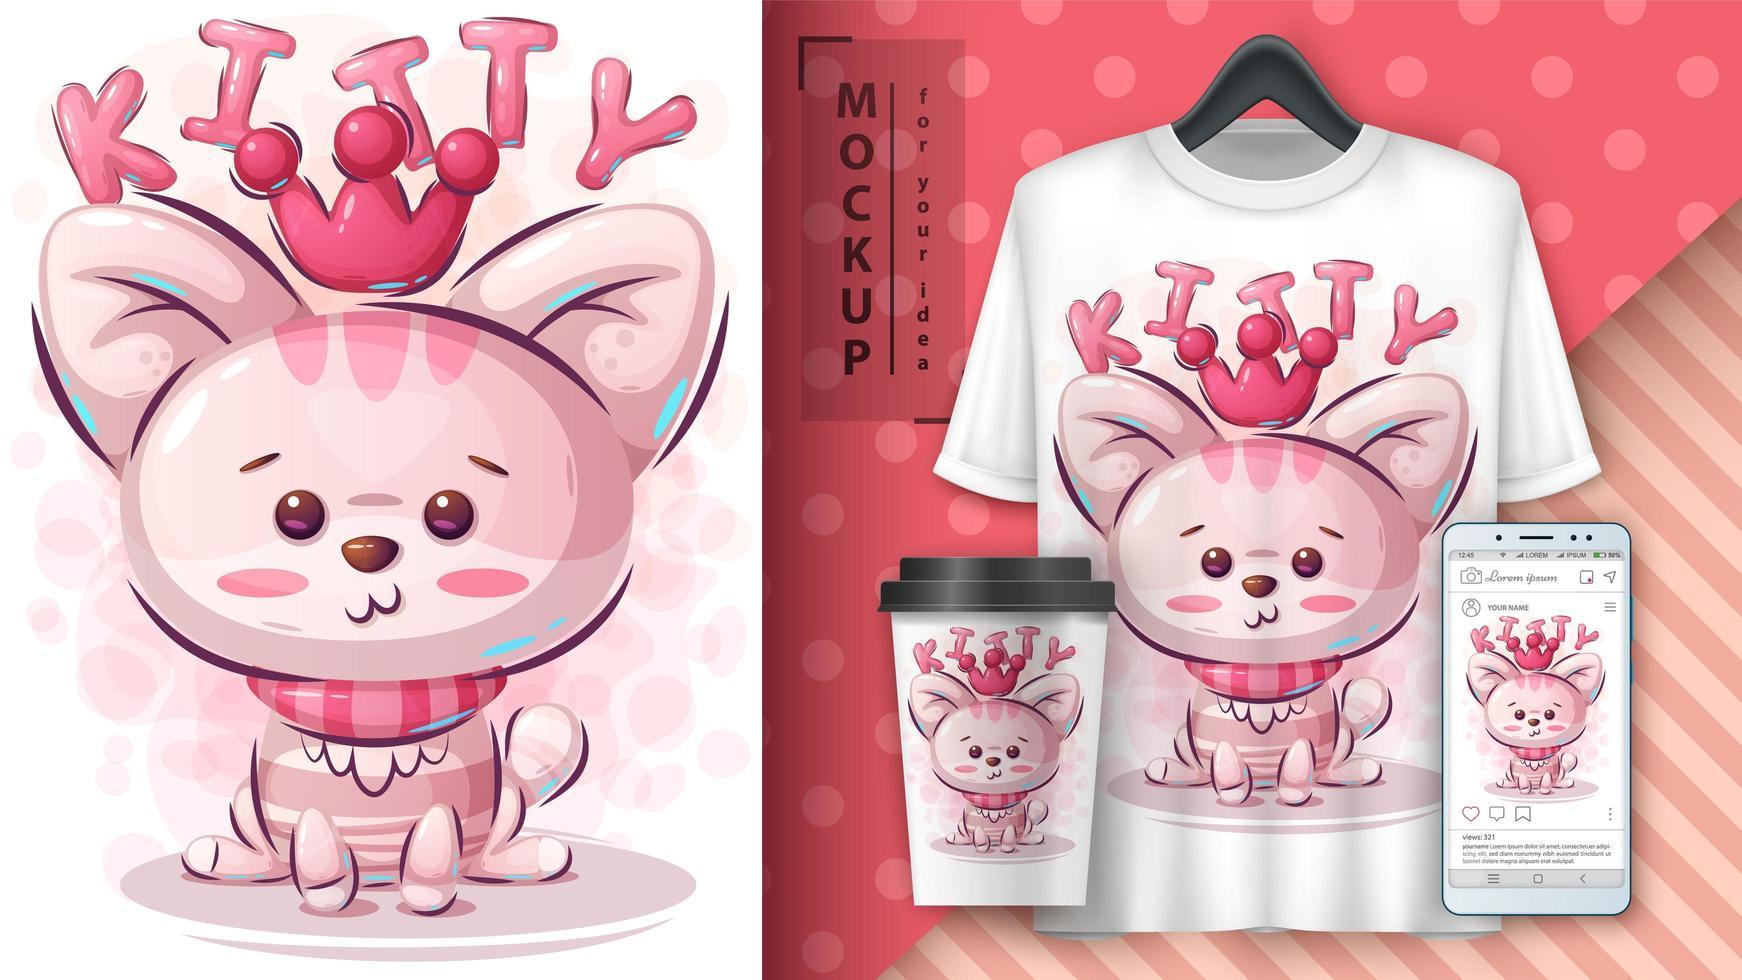 rosa prinsessakitty-affisch vektor